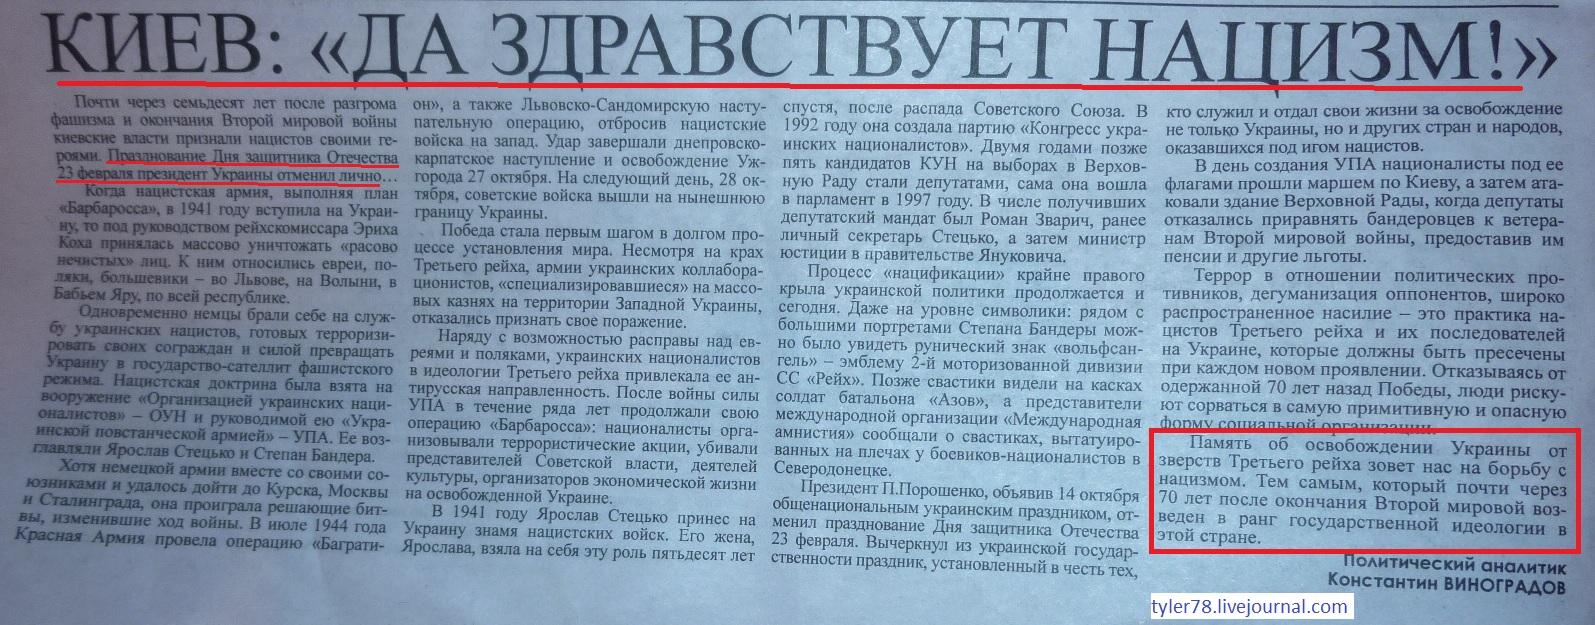 Газета 21 век последний номер луганск объявления работа подать объявление inurl doska add html